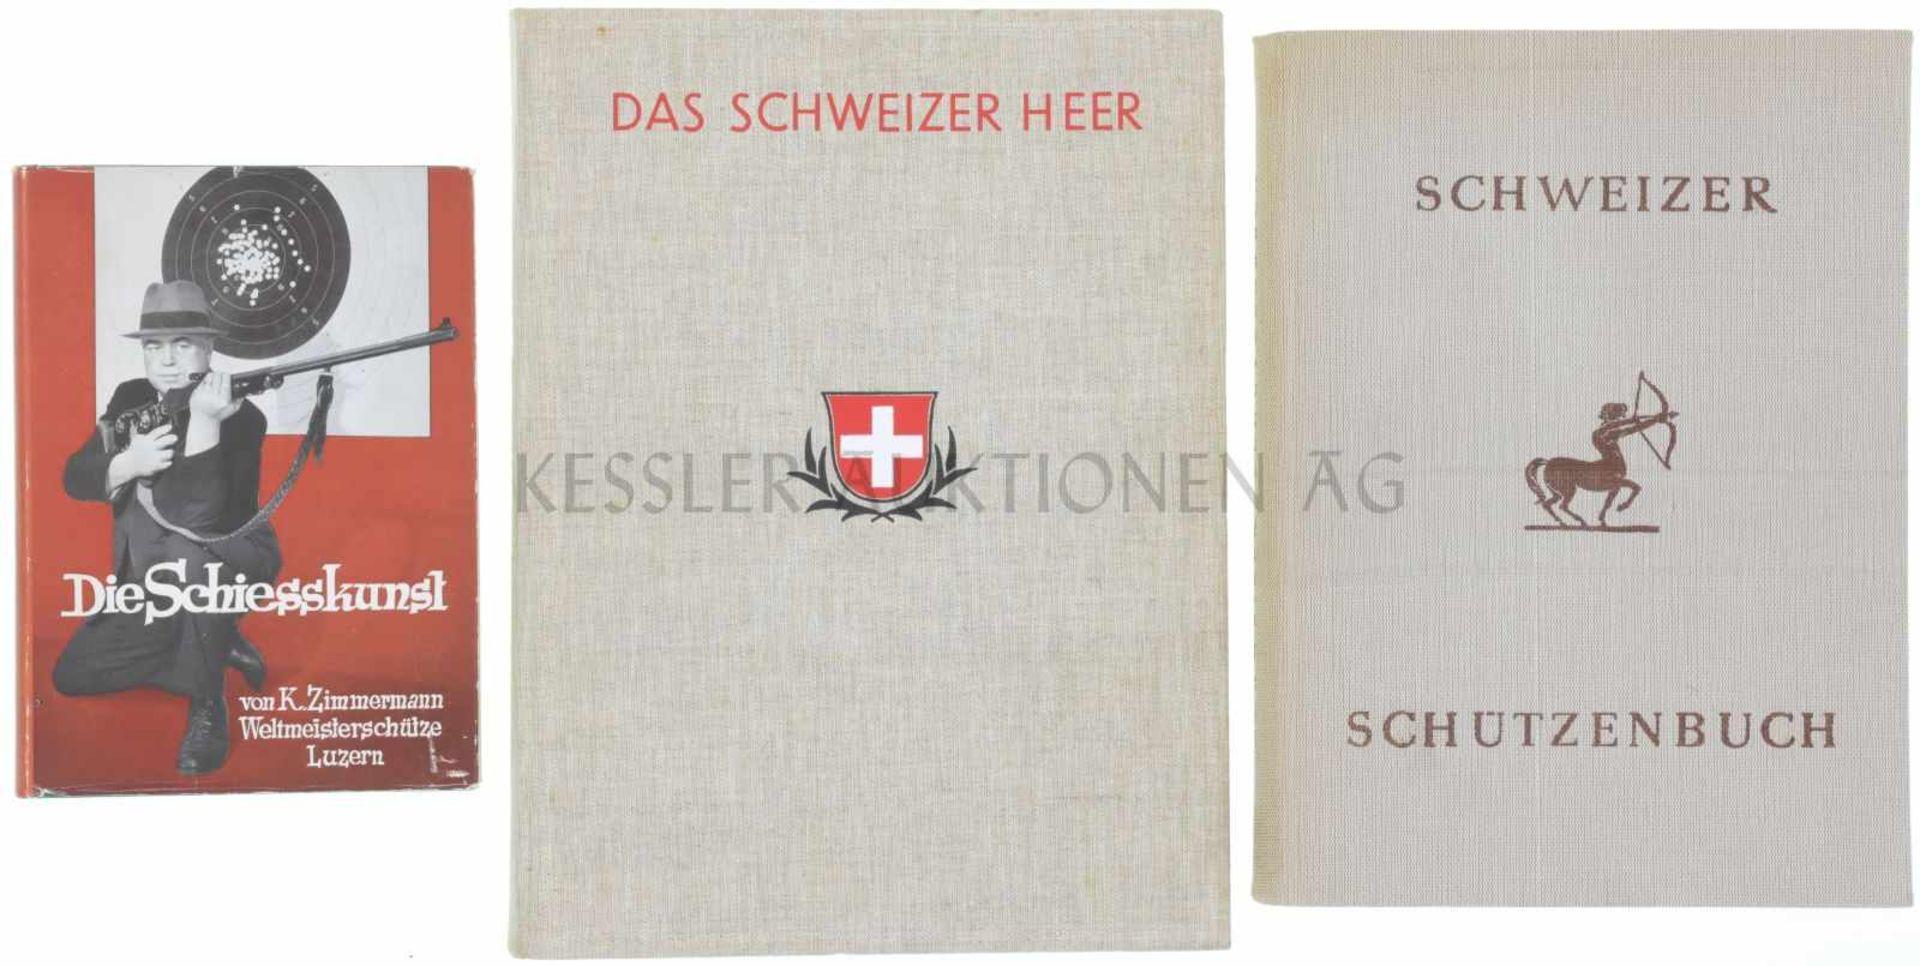 Konvolut von 3 Büchern 1. Die Schiesskunst, von K. Zimmermann, Weltmeisterschütze Luzern, 2.